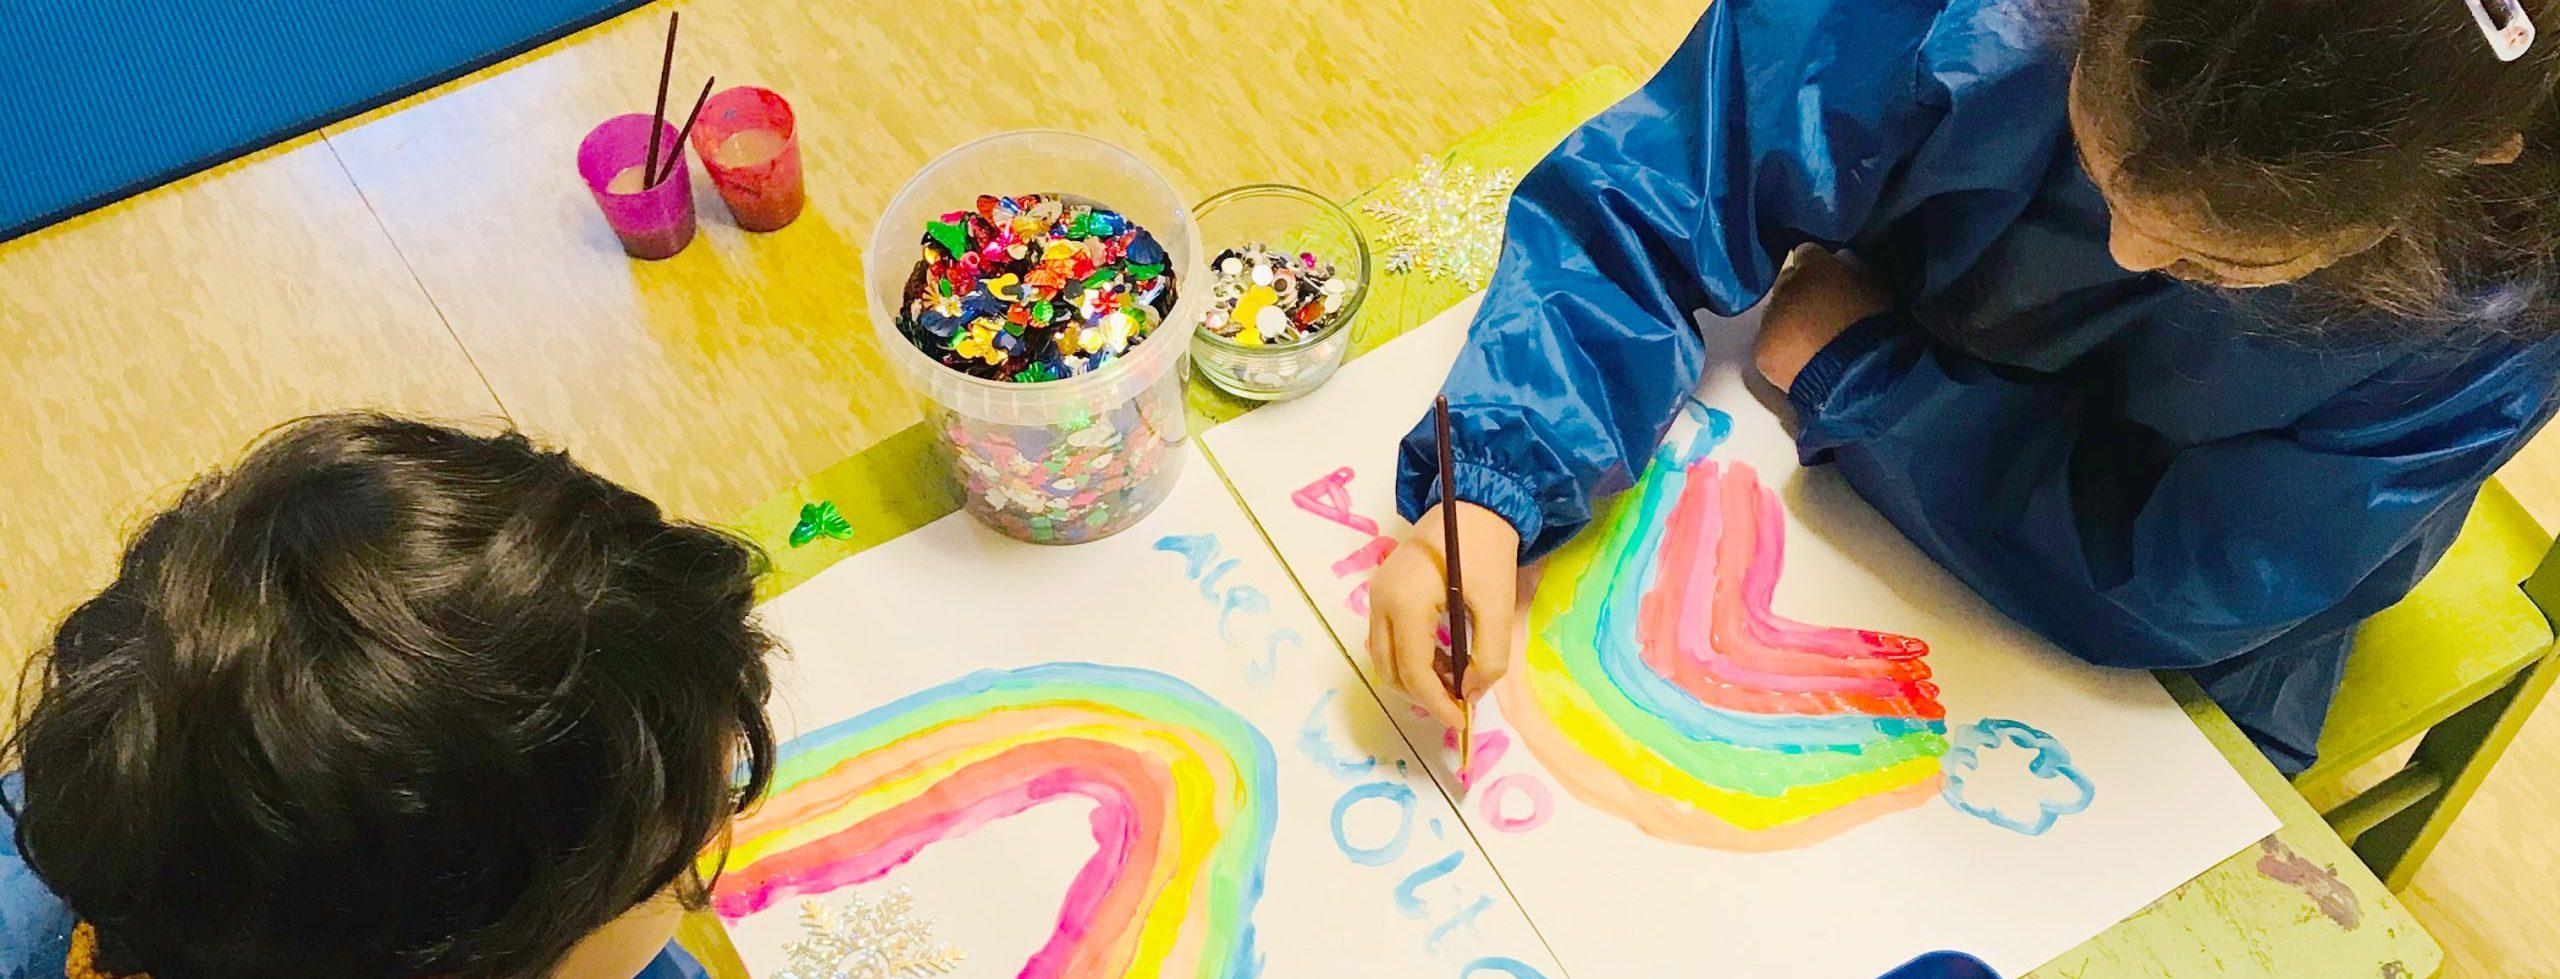 Familienzentrum Droryplatz Kinder malen